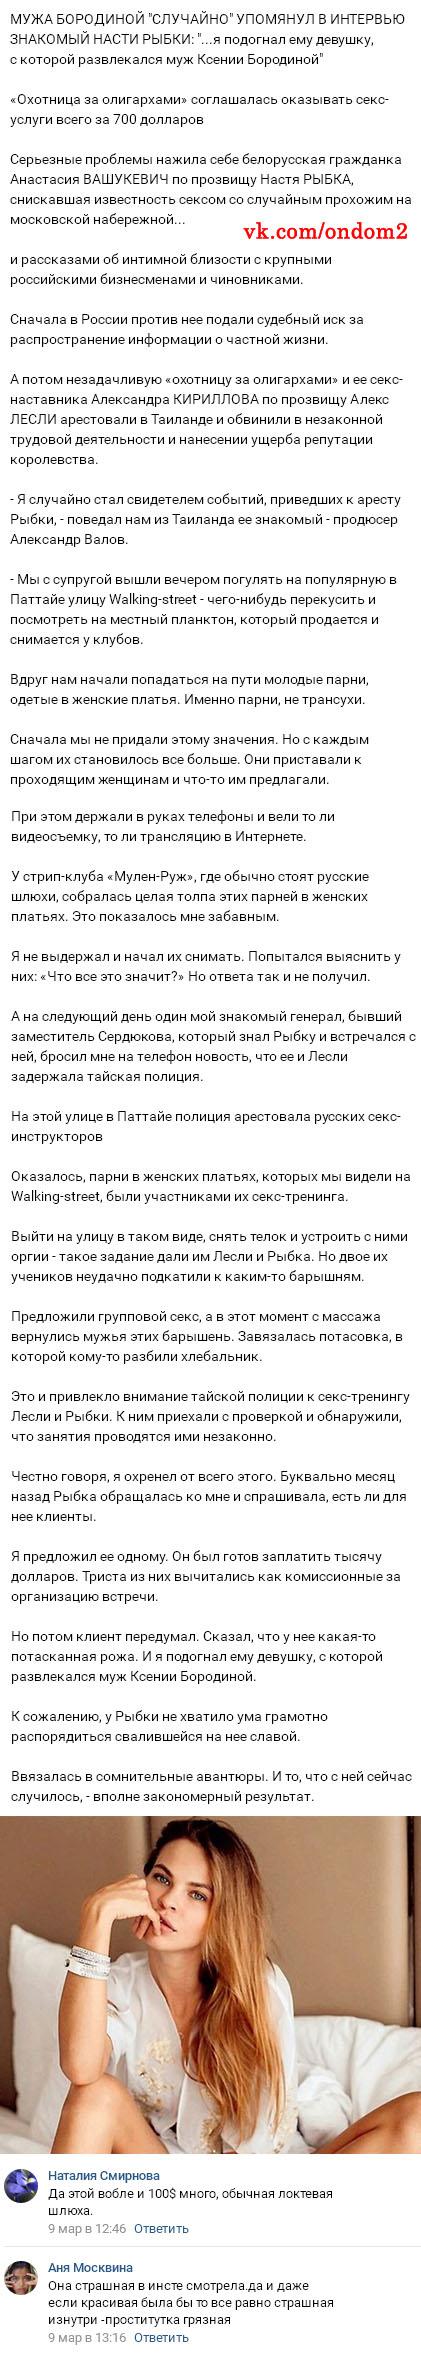 Новость про Курбана Омарова вконтакте